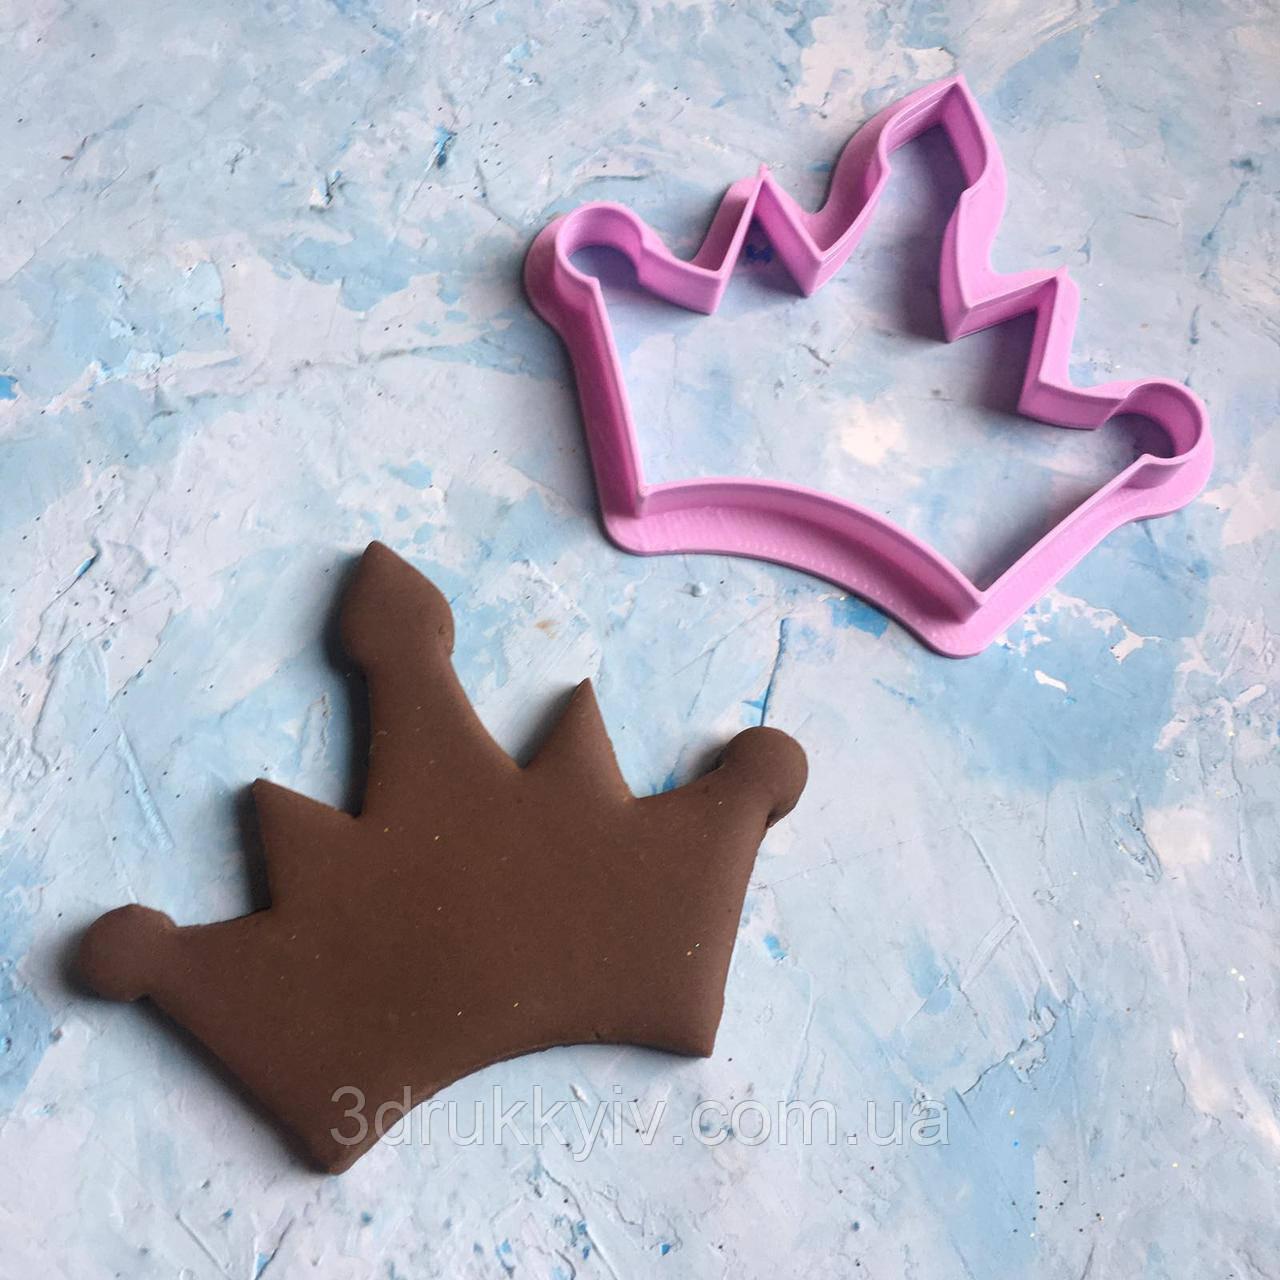 """Вирубка для пряників """"Корона #4"""" / Вырубка - формочка для пряников"""